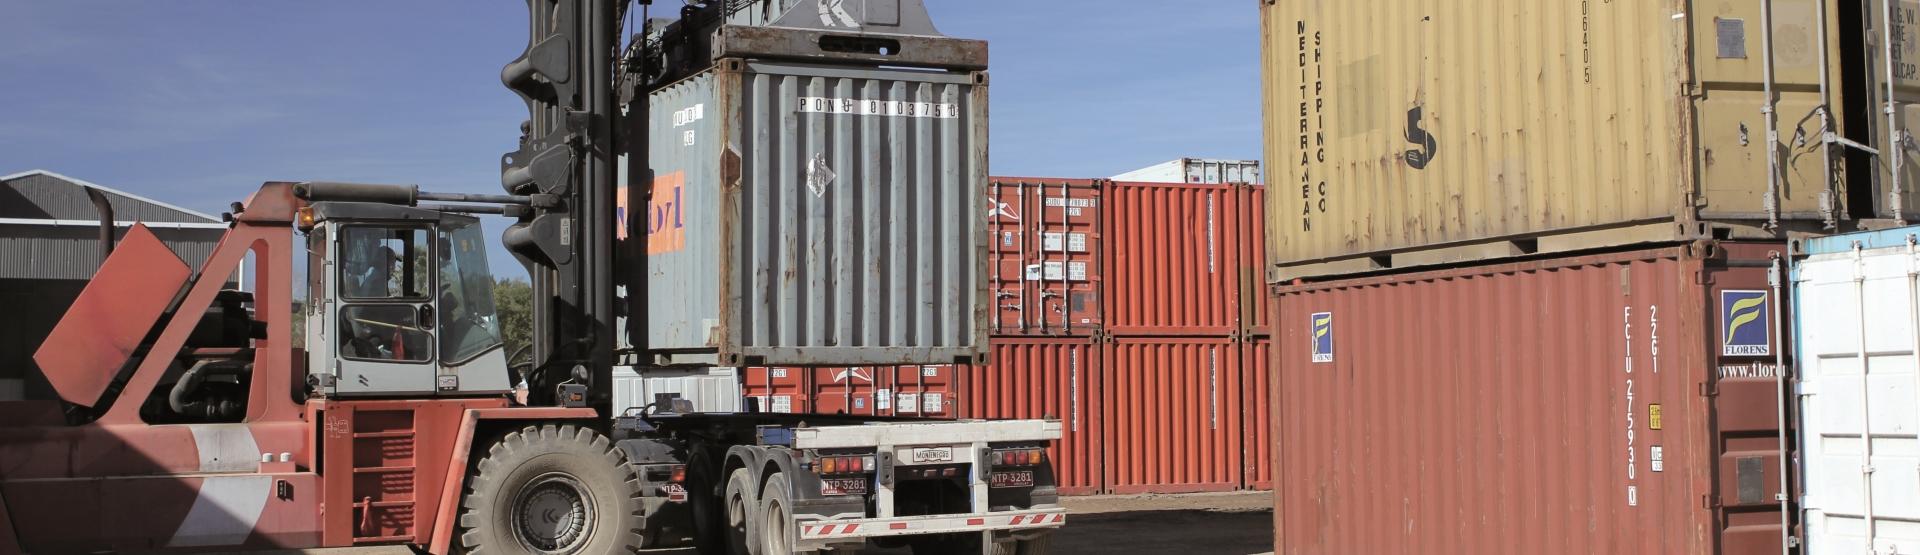 Servicios y Certificaciones - Transportadora Alonzo